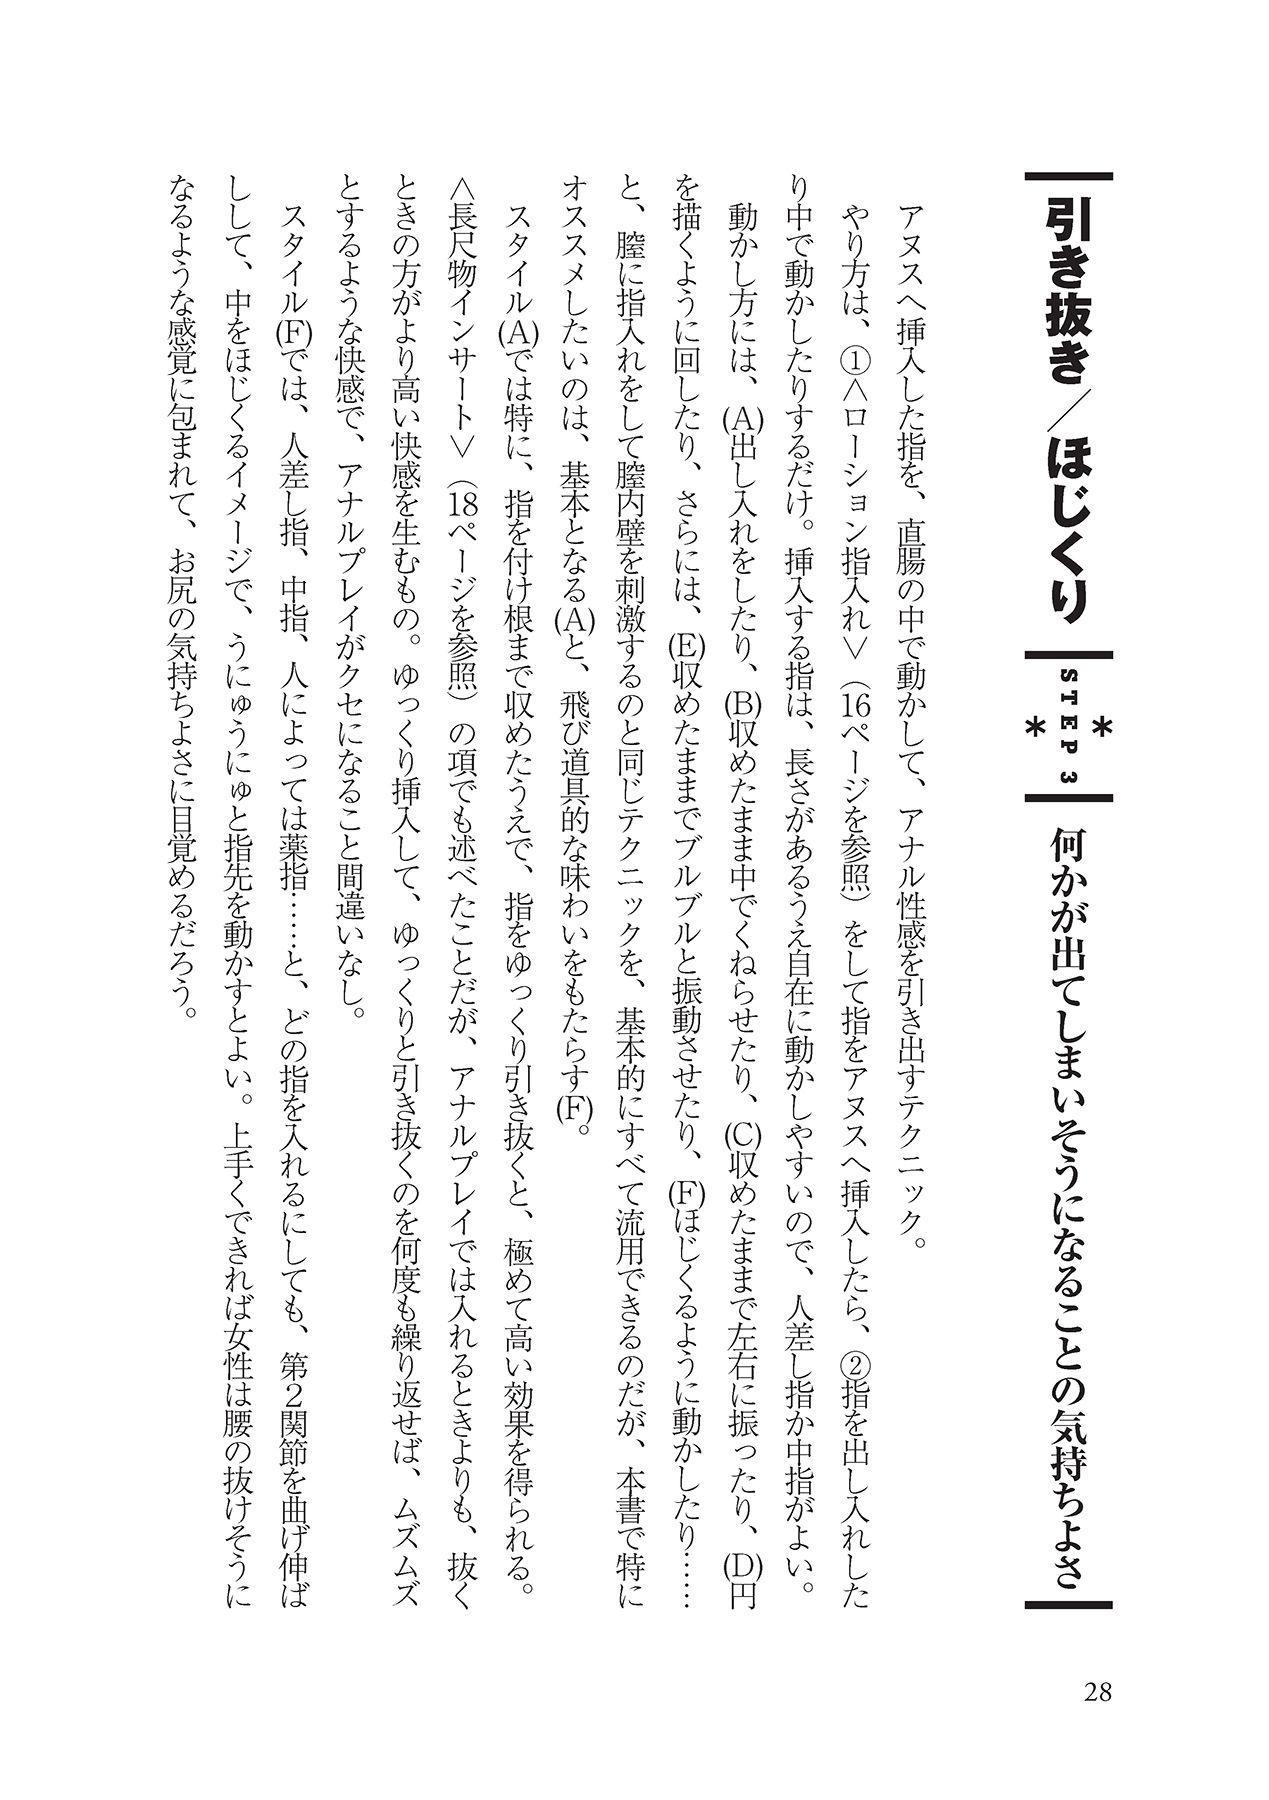 アナル性感開発・お尻エッチ 完全マニュアル 29